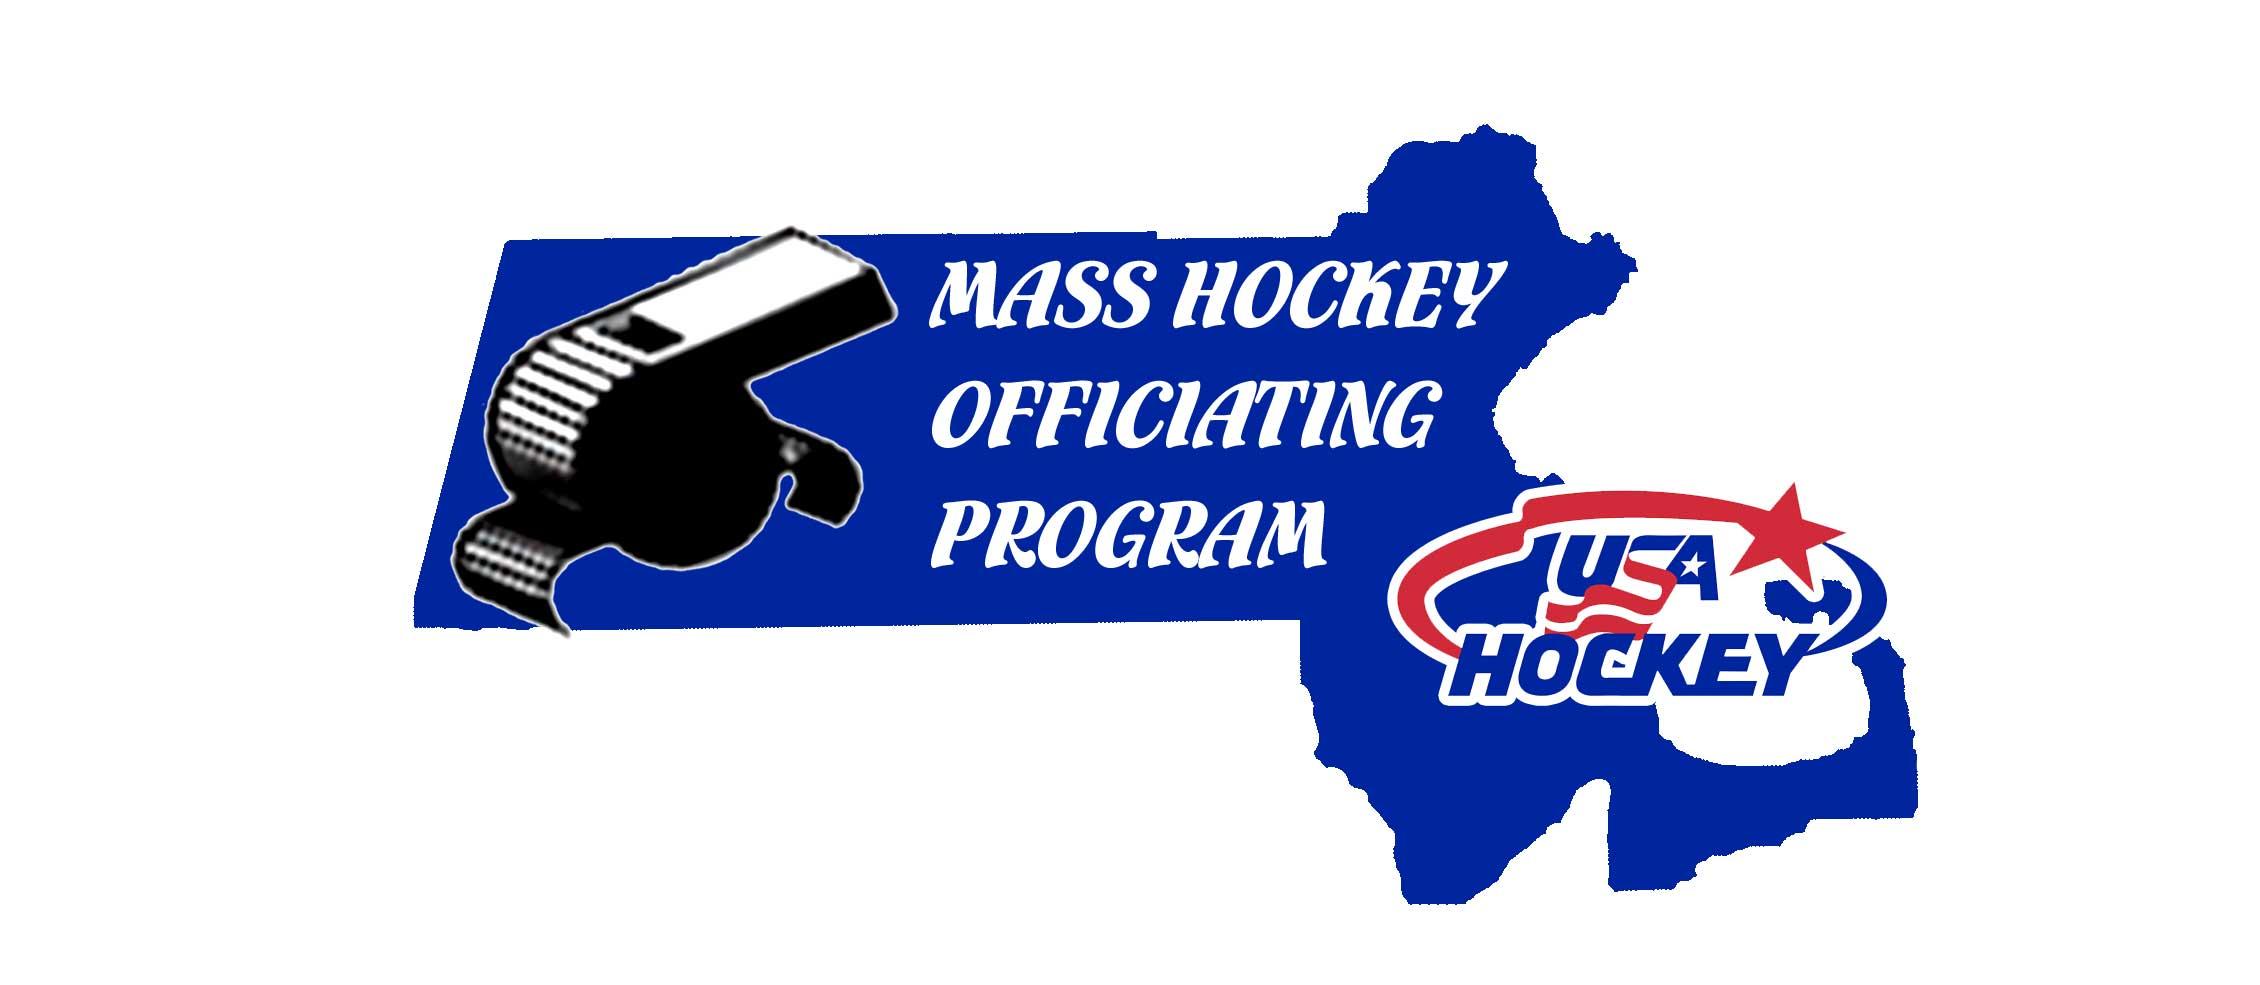 Mass Hockey Officiating Program